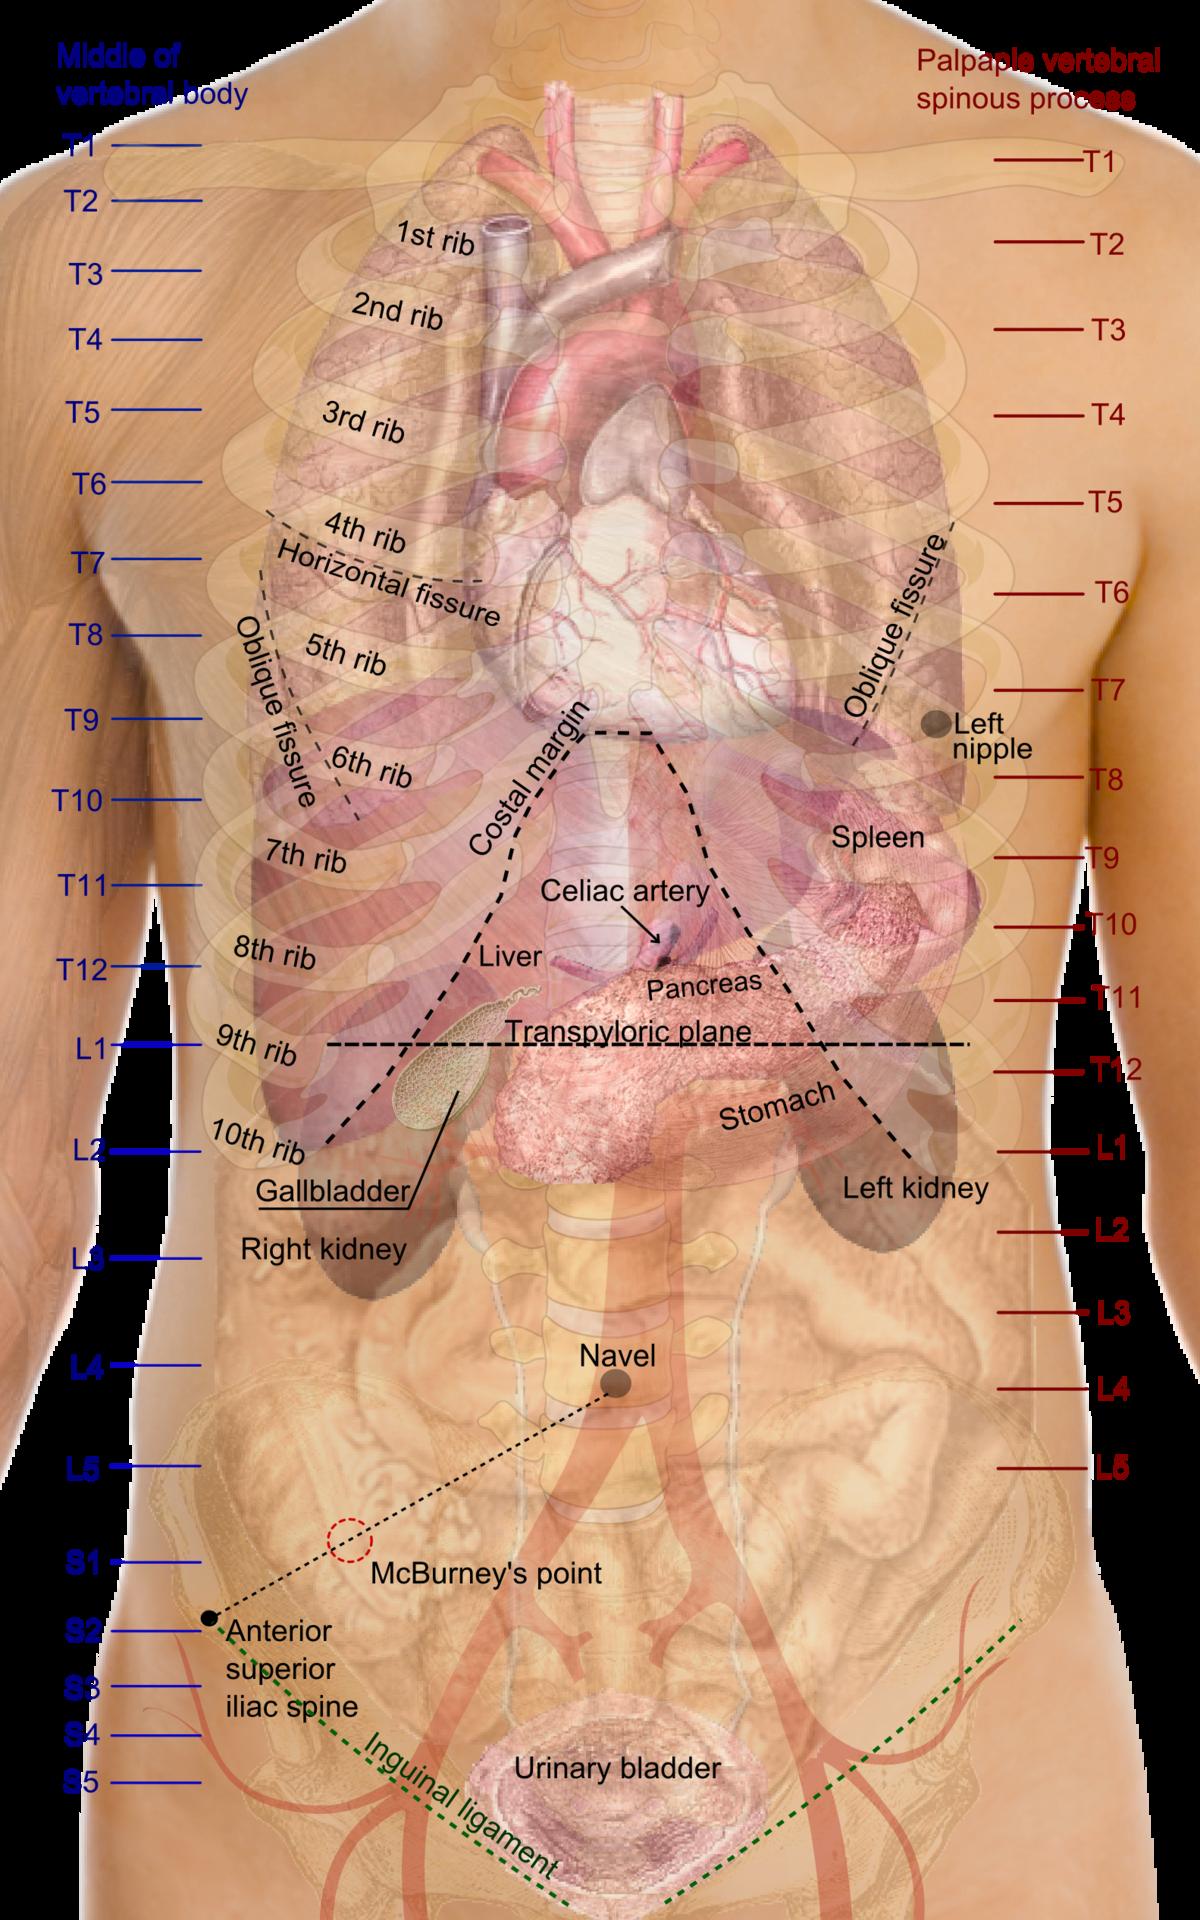 Osteoartróza – Wikipedie